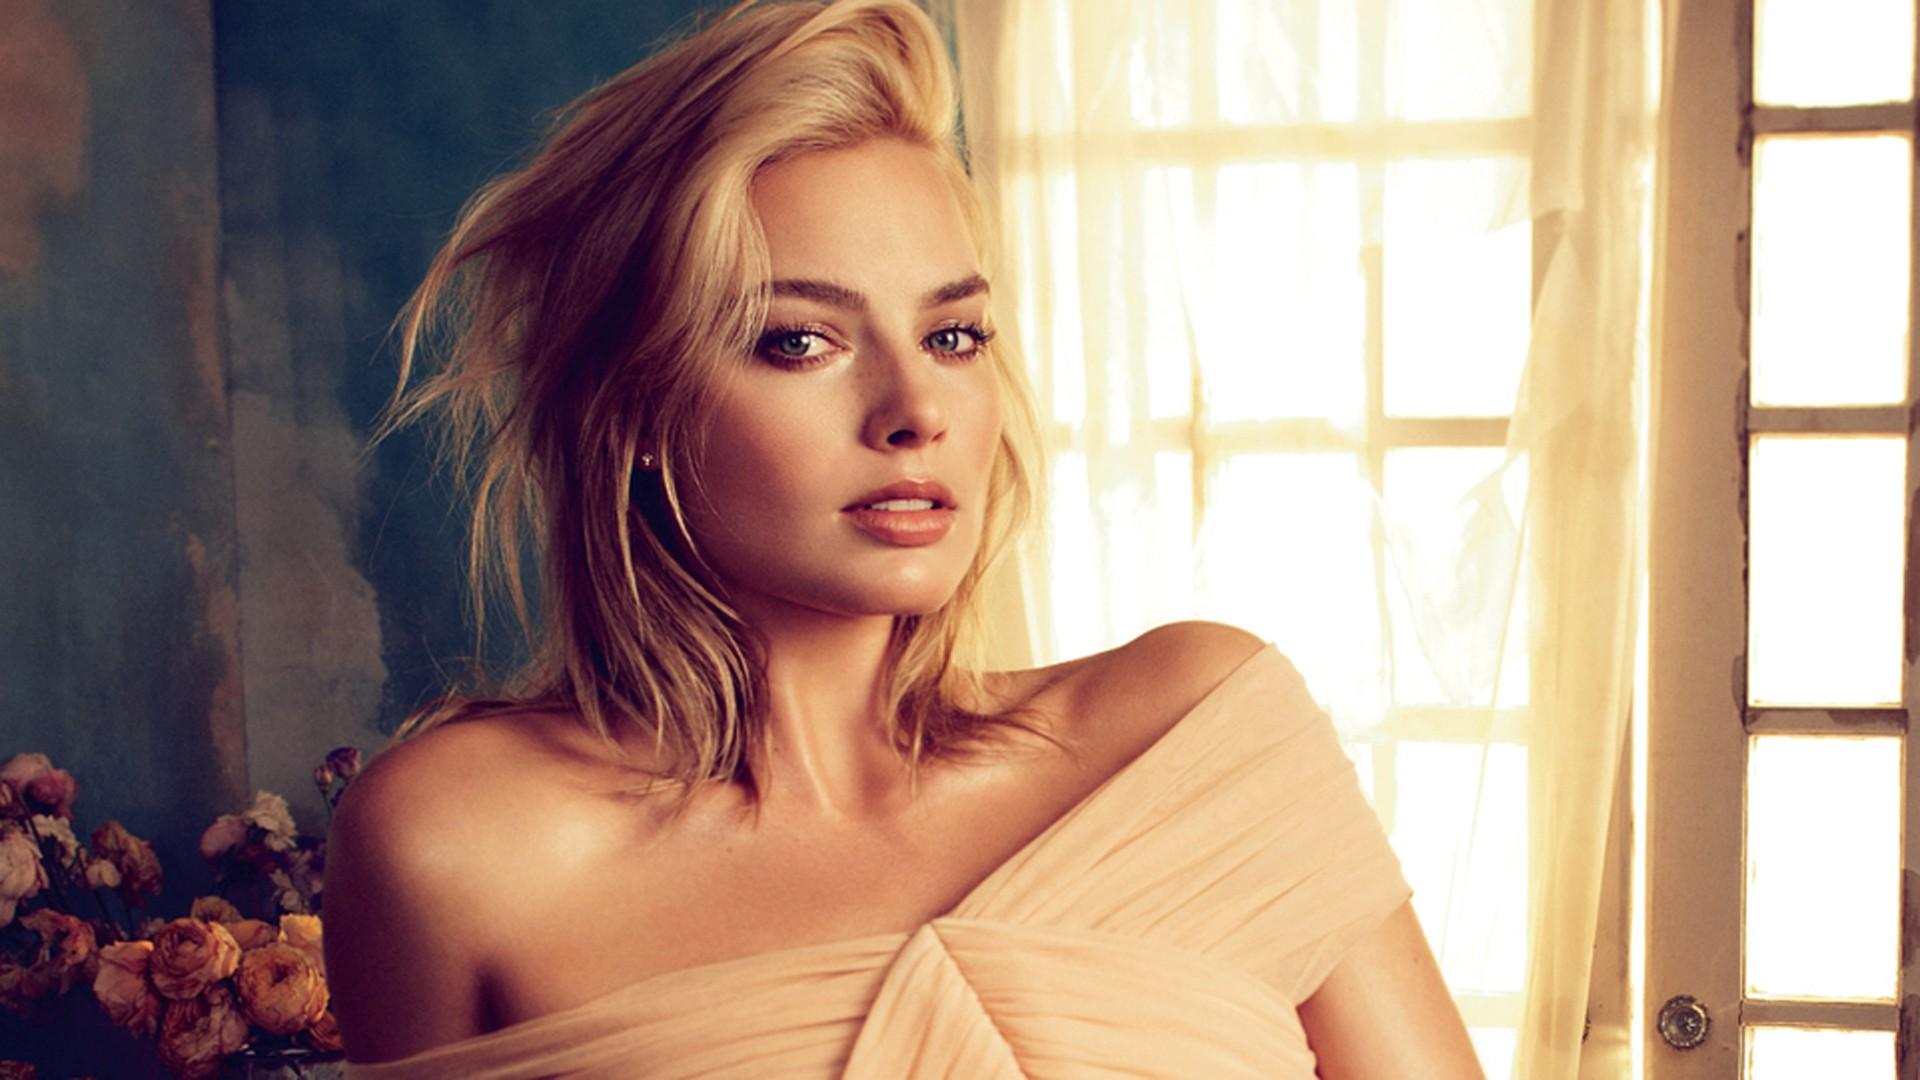 Margot Robbie Women Image